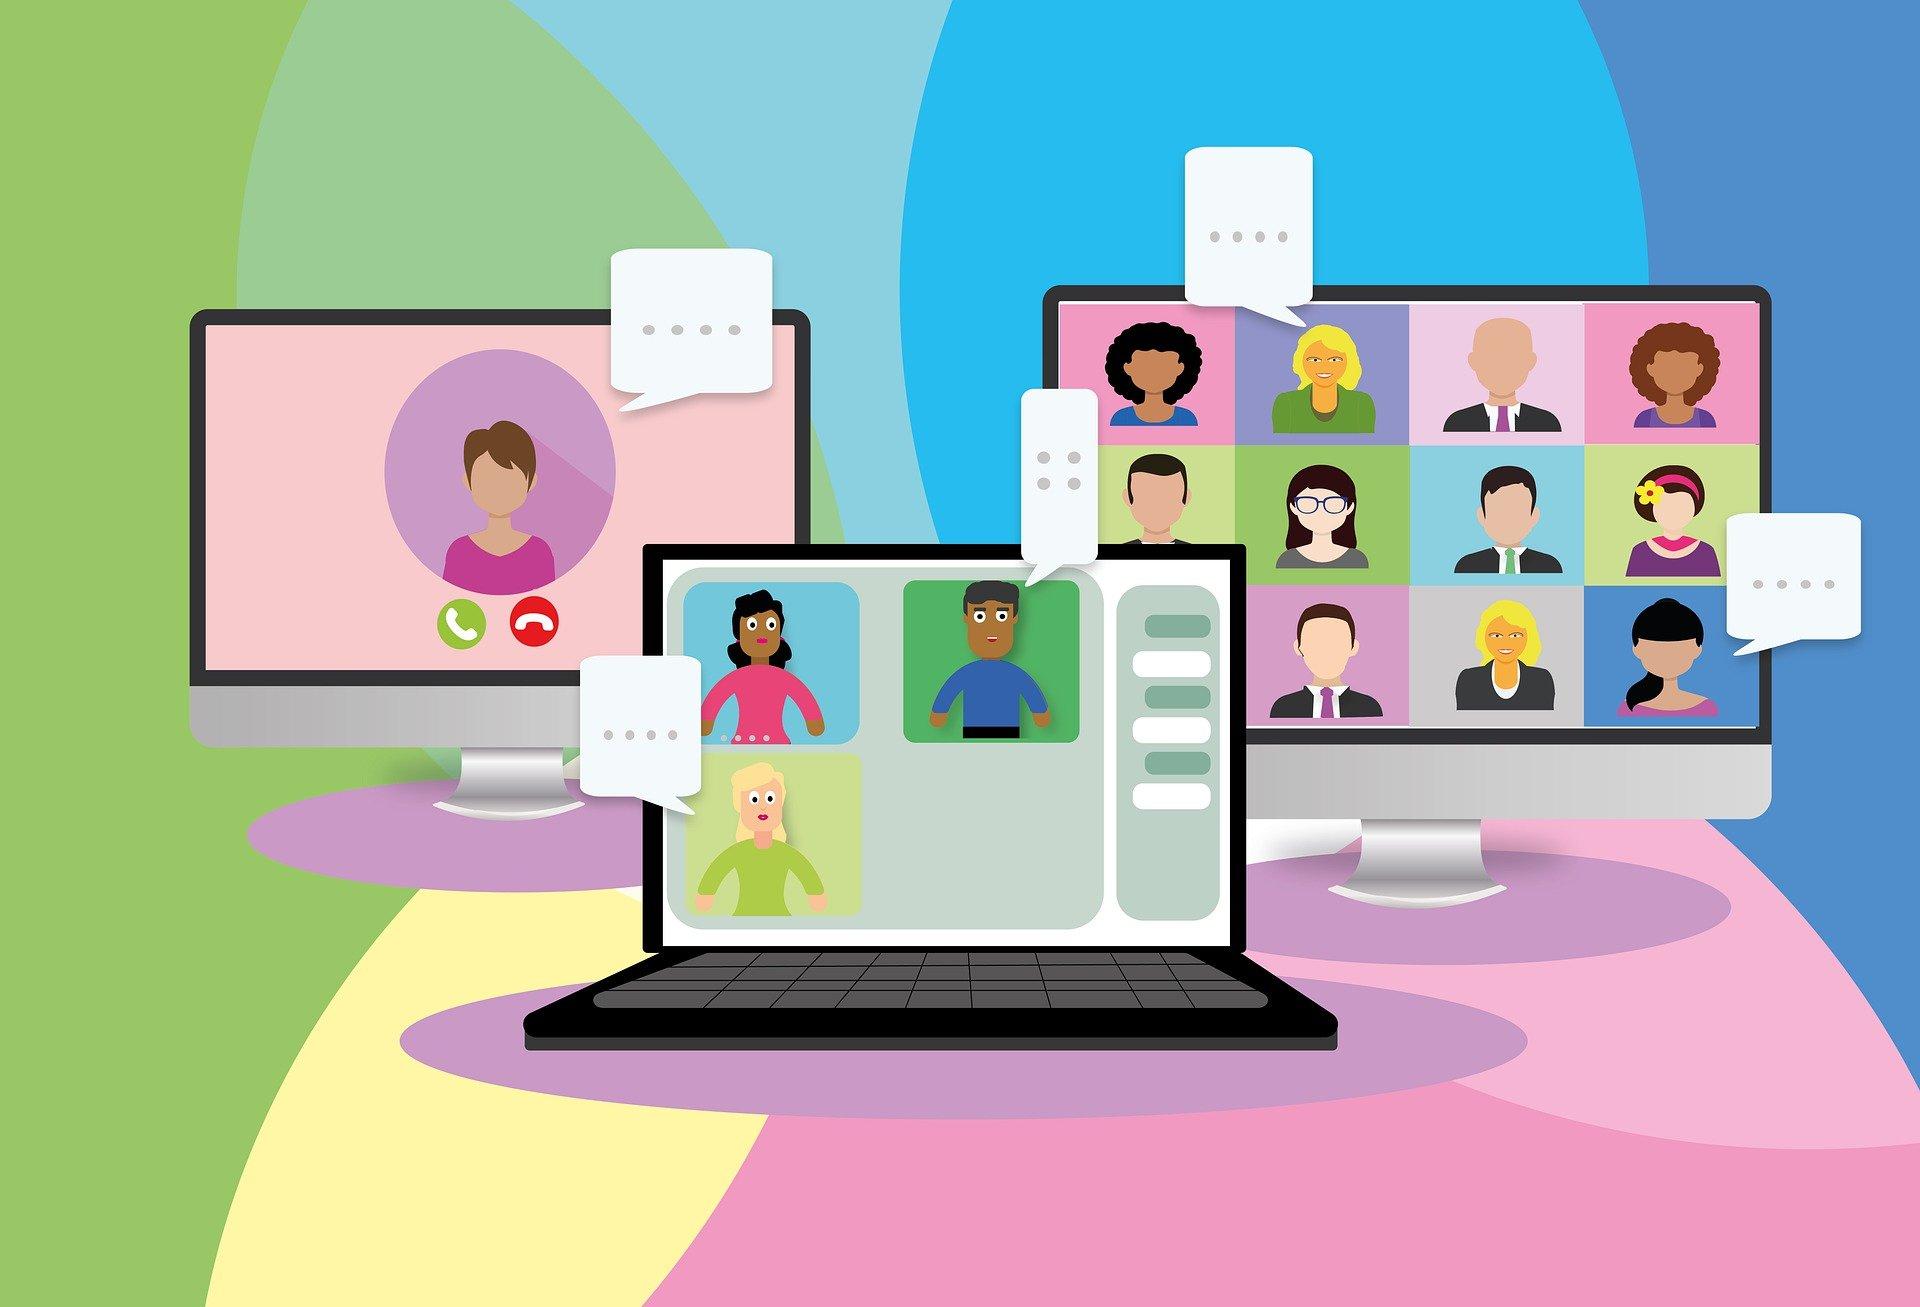 Dla 48 proc. respondentów włączanie kamery internetowej w trakcie spotkania jest oznaką szacunku do współuczestników (Fot. Pixabay)